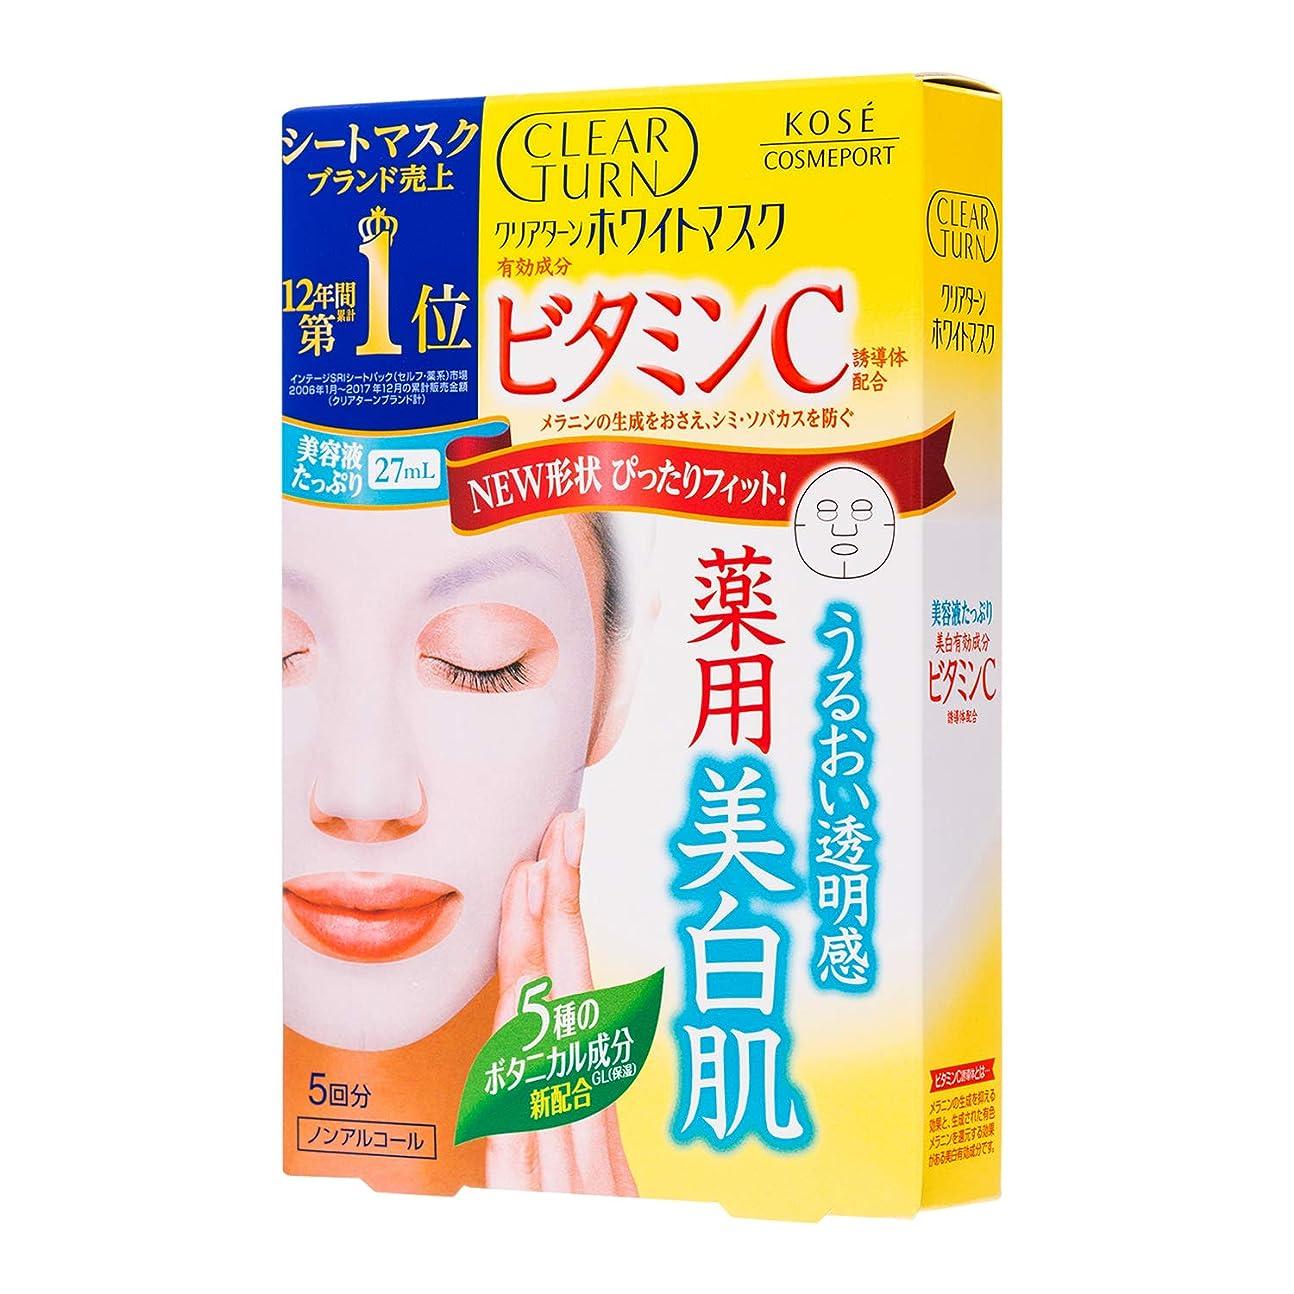 最も振り向く公式KOSE コーセー クリアターン ホワイト マスク VC (ビタミンC) 5枚 フェイスマスク